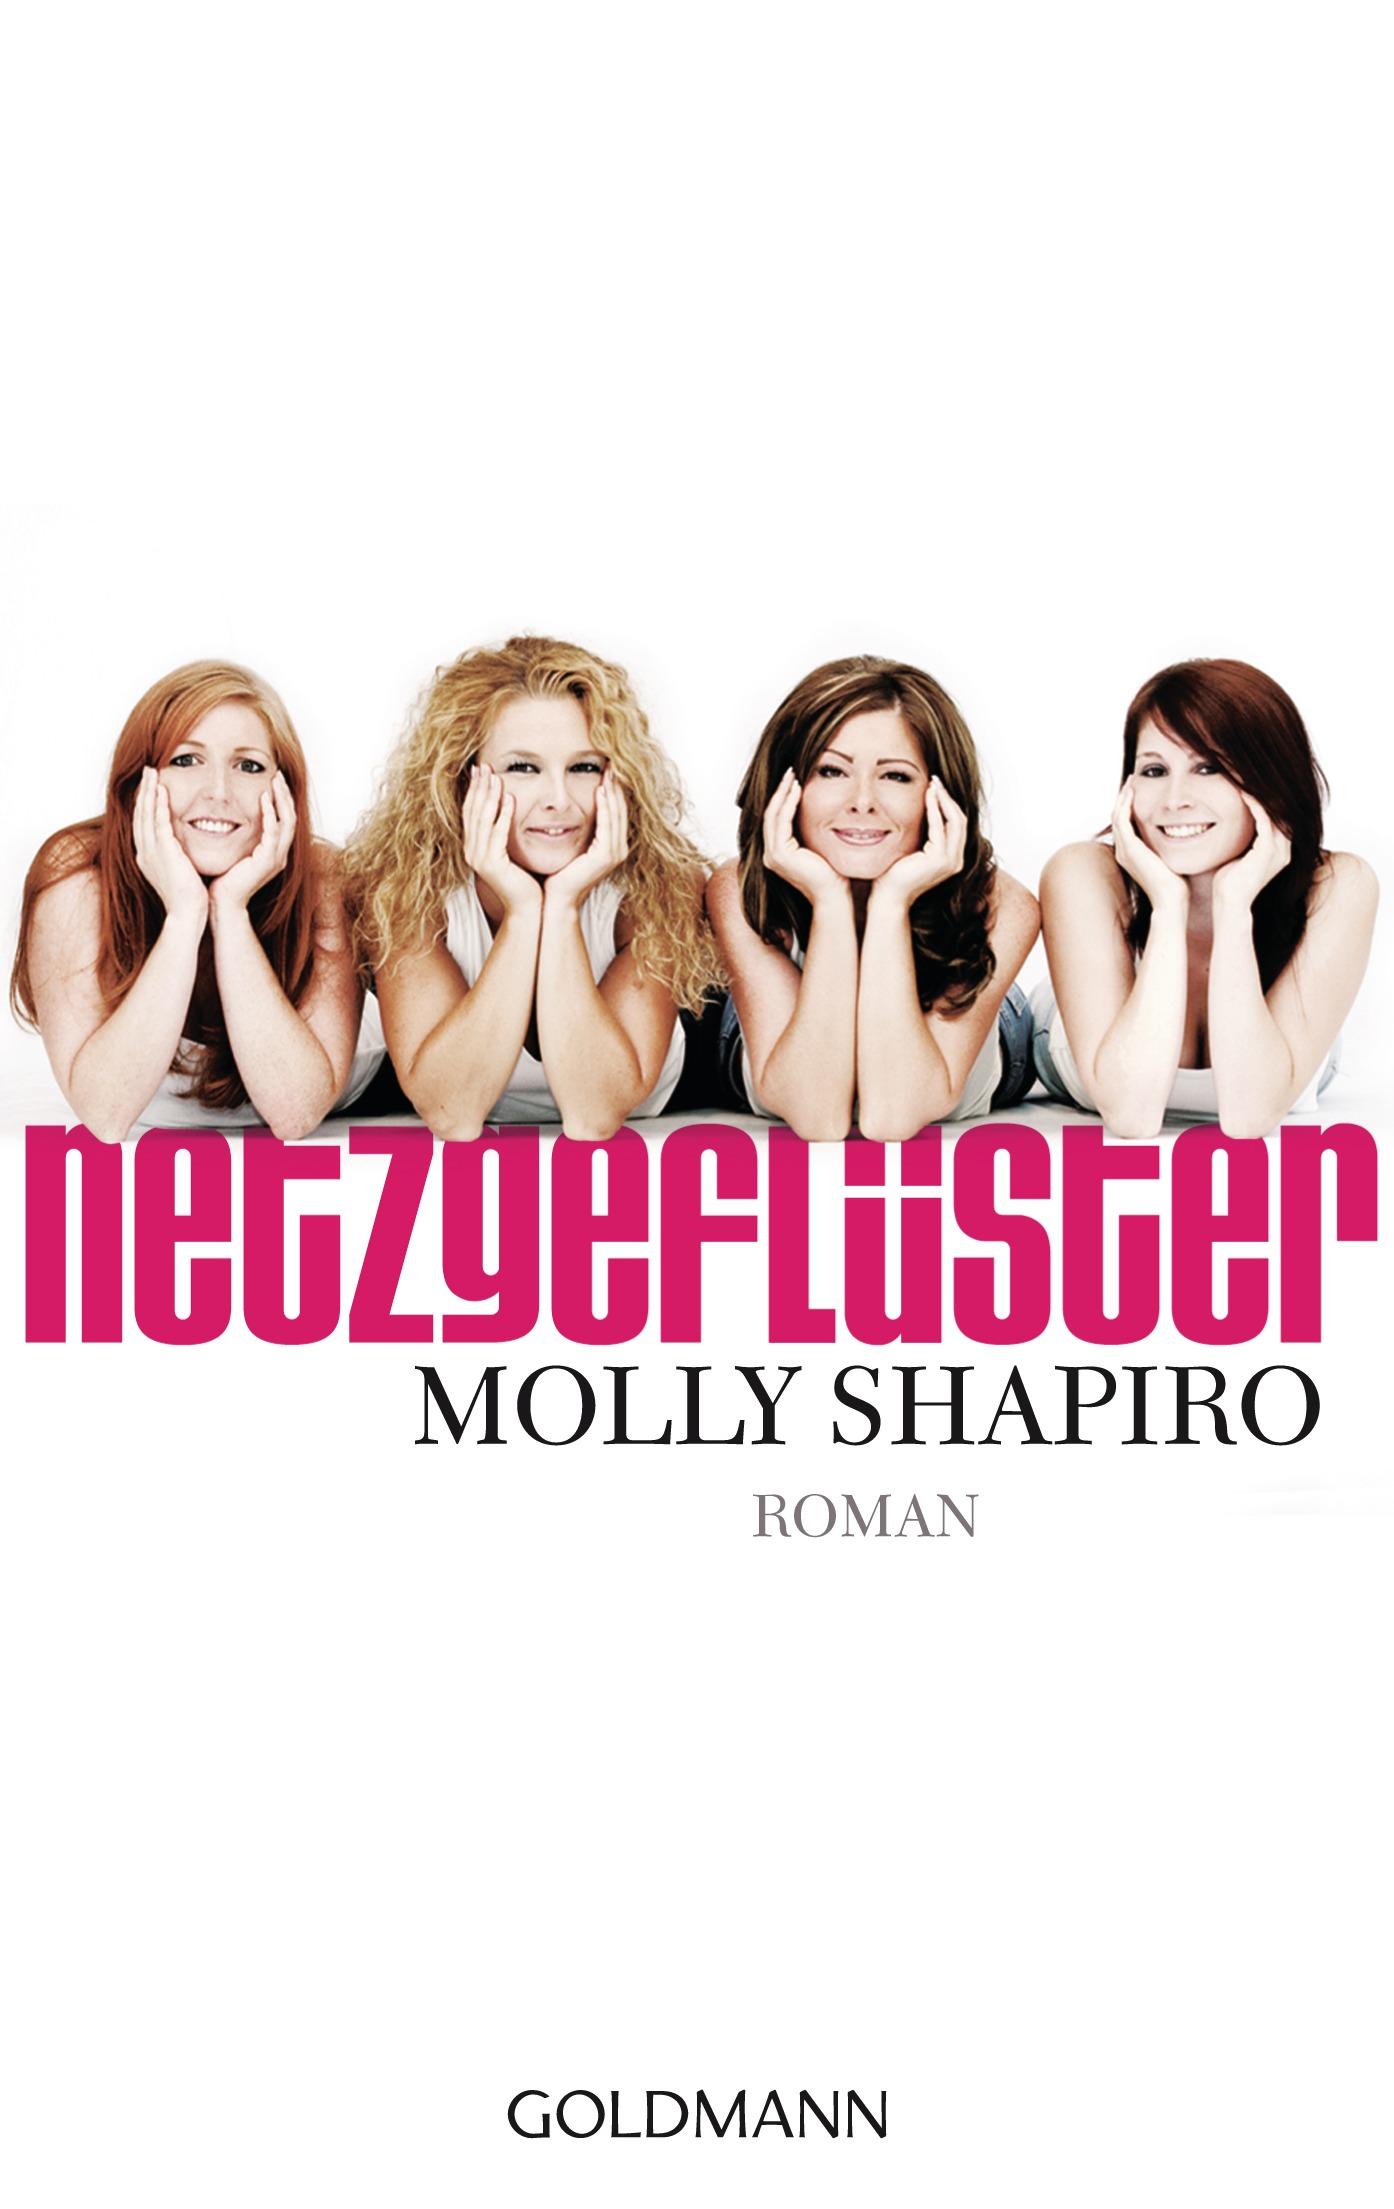 Netzgeflüster - Molly Shapiro